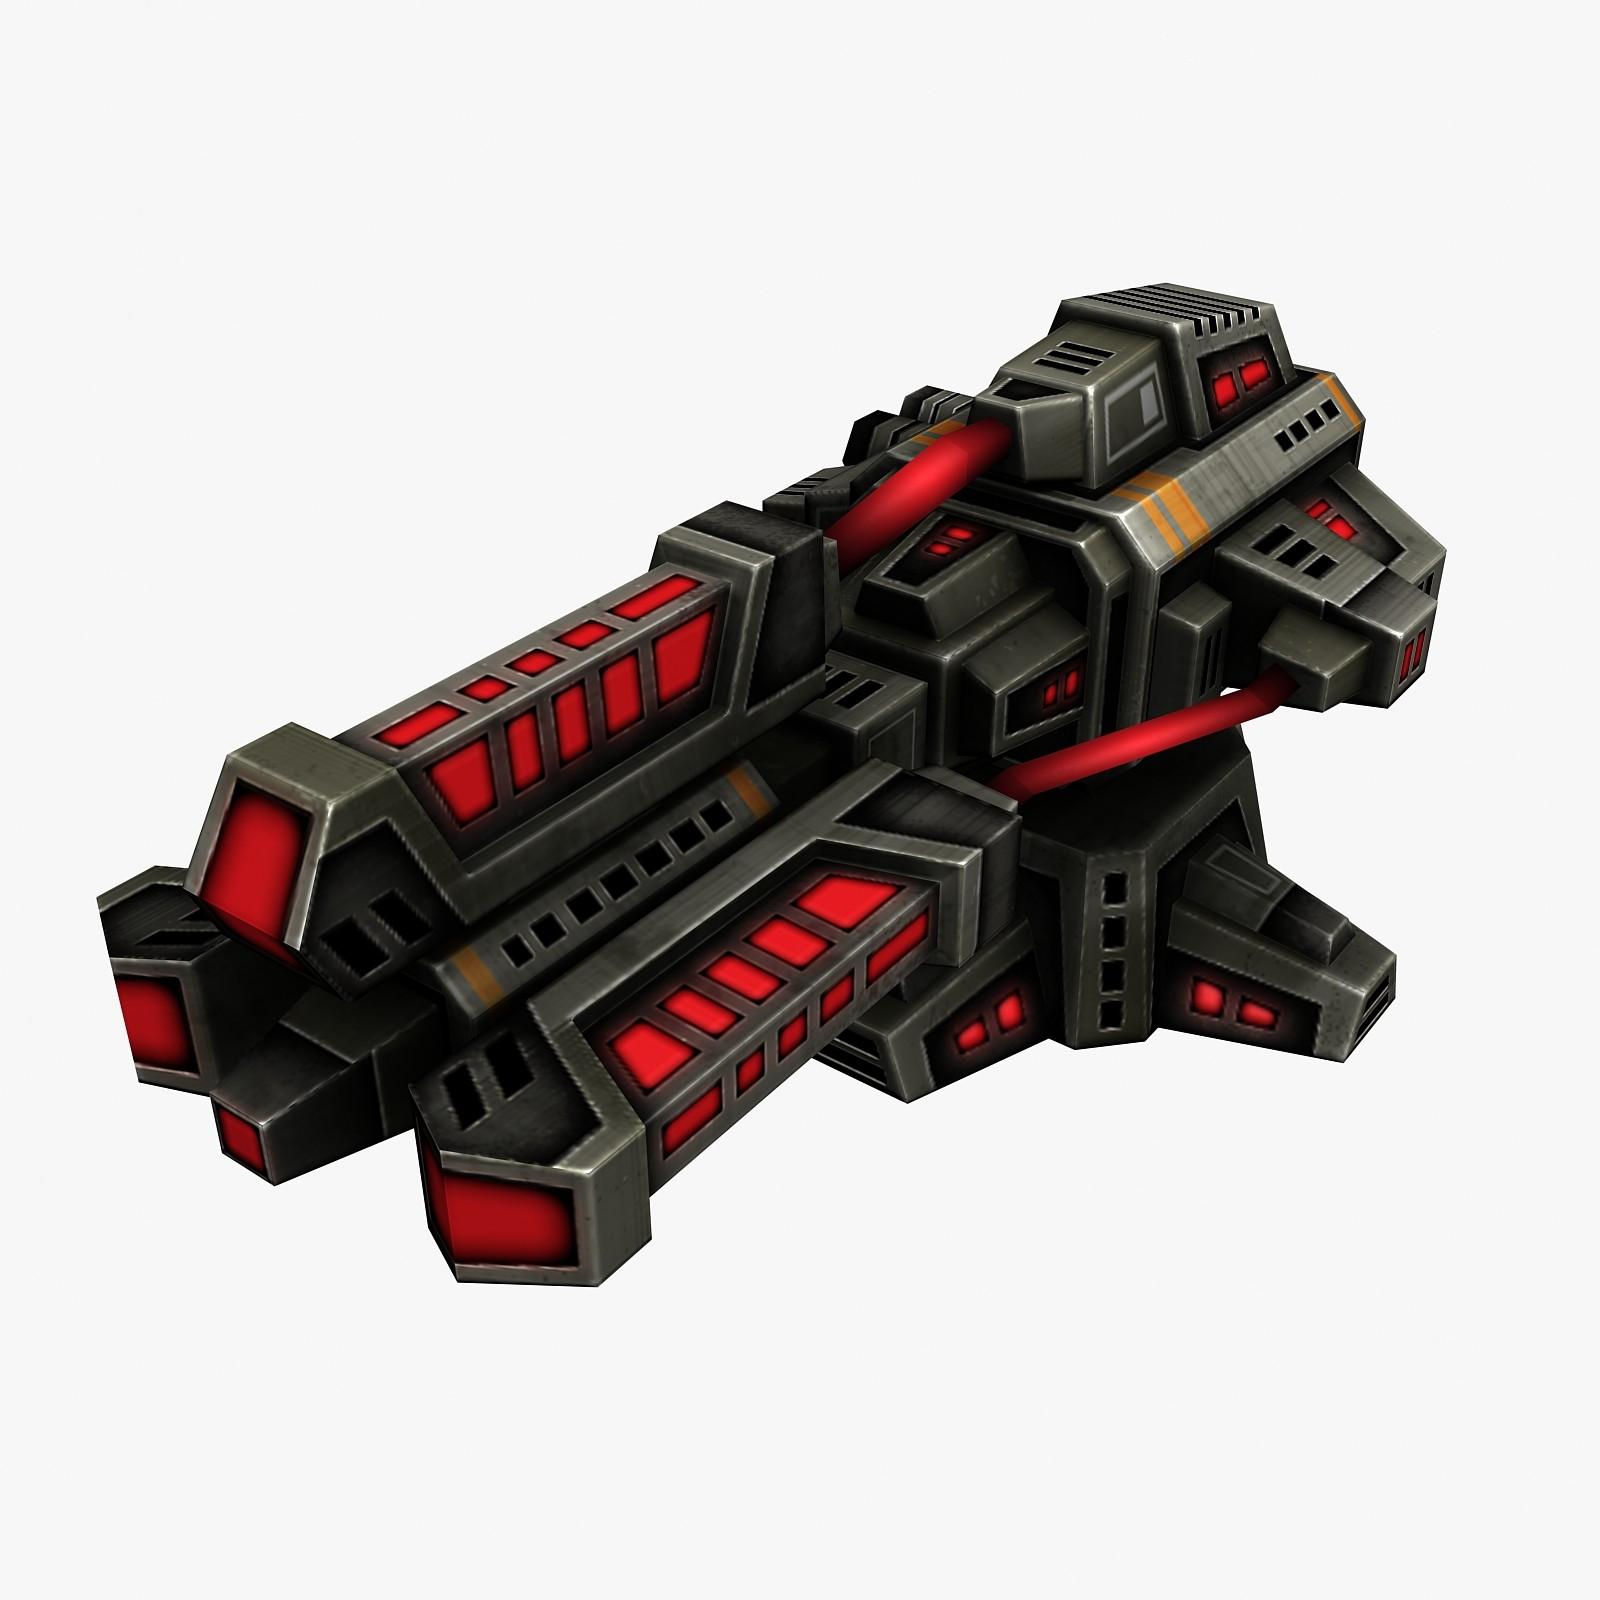 3ds max weapon gun